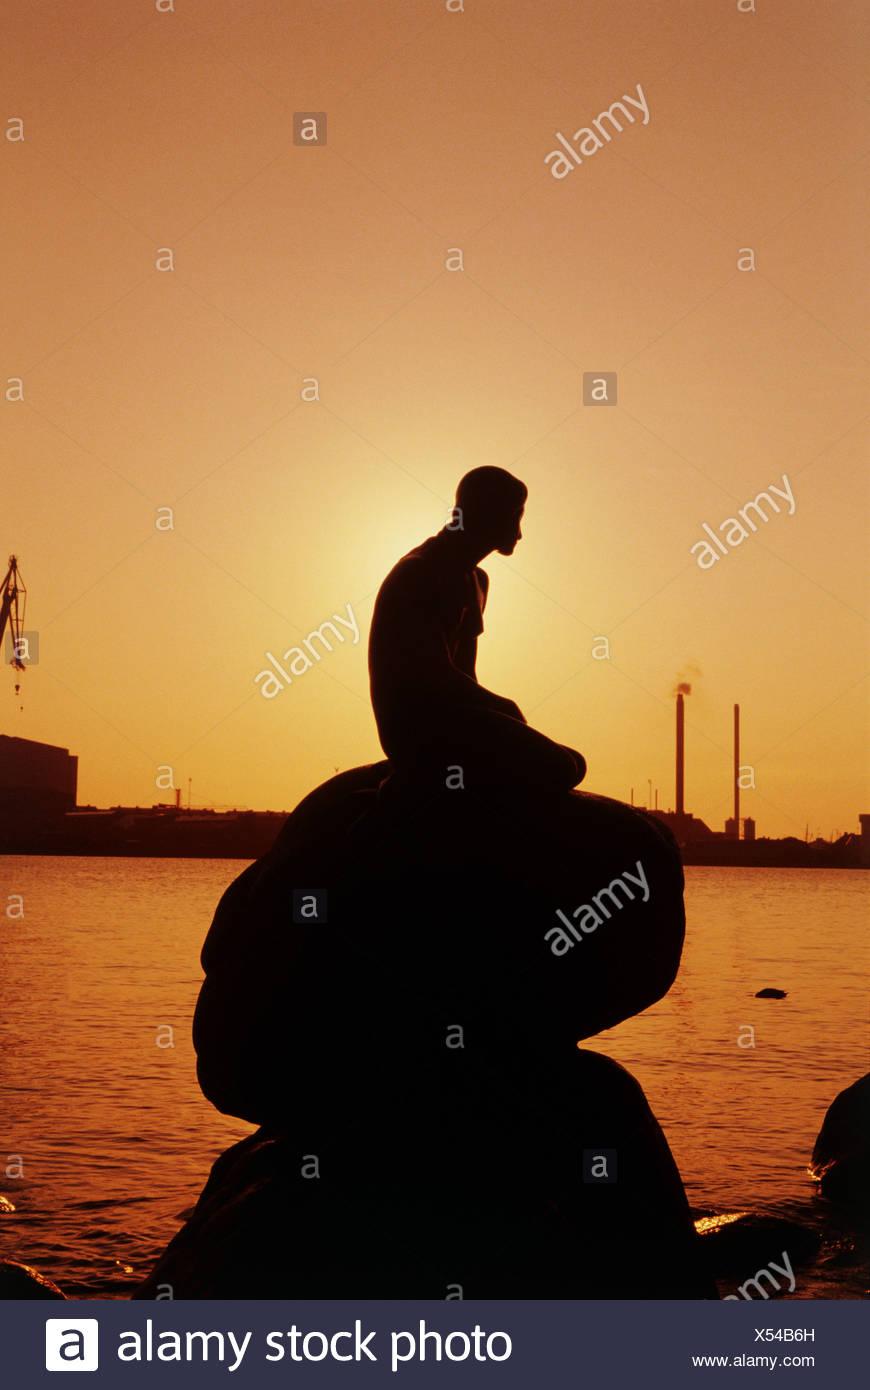 Ariel Sitting On Rock Silhouette